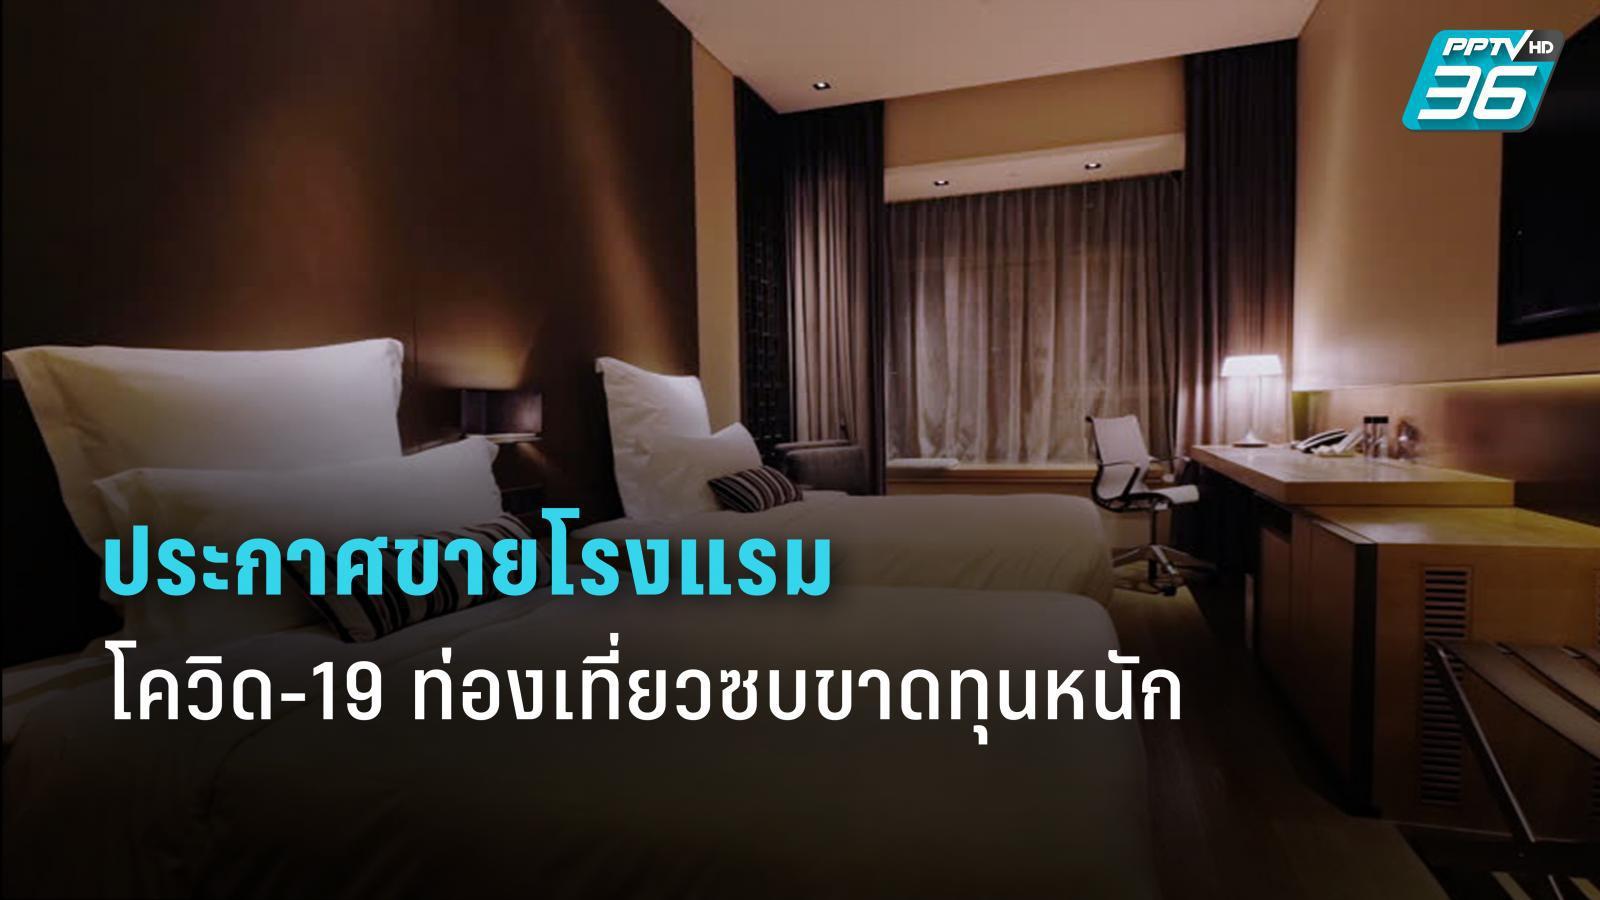 20 โรงแรมประกาศขาย ไปต่อไม่ไหวจากพิษโควิด-19